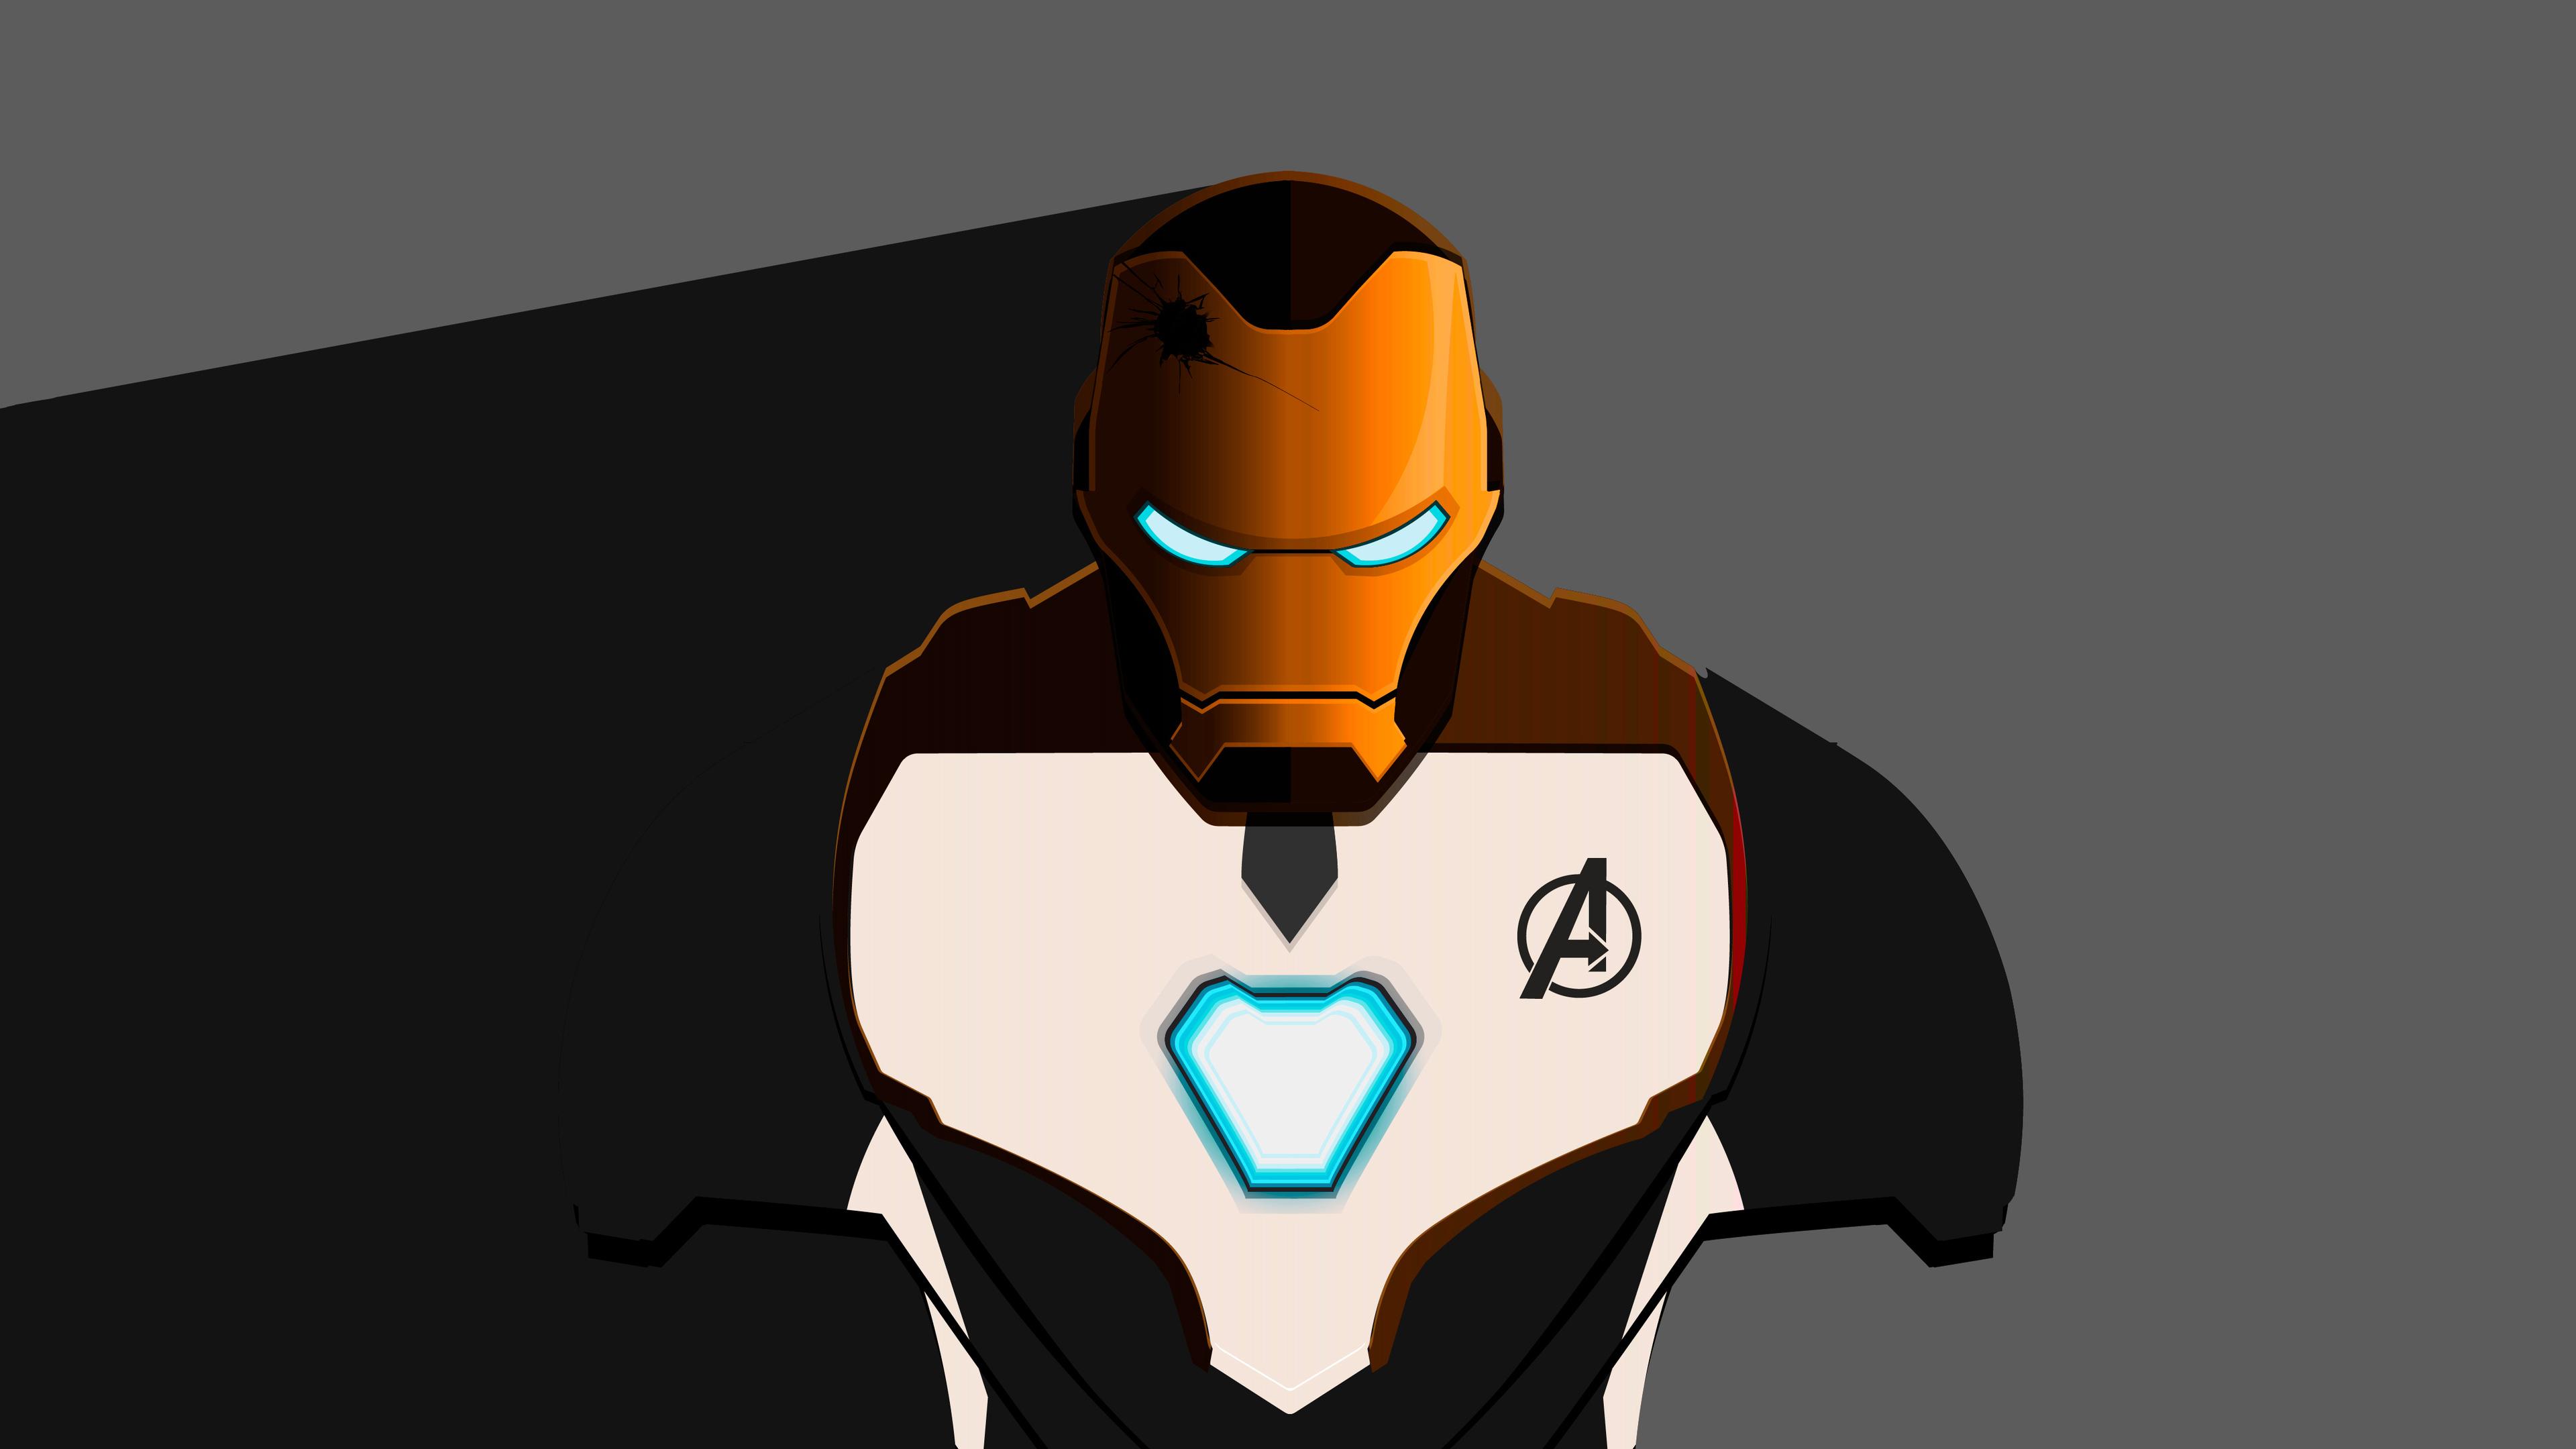 Wallpaper 4k Iron Man Mark 50 Minimalist Avengers Endgame 4k 2019